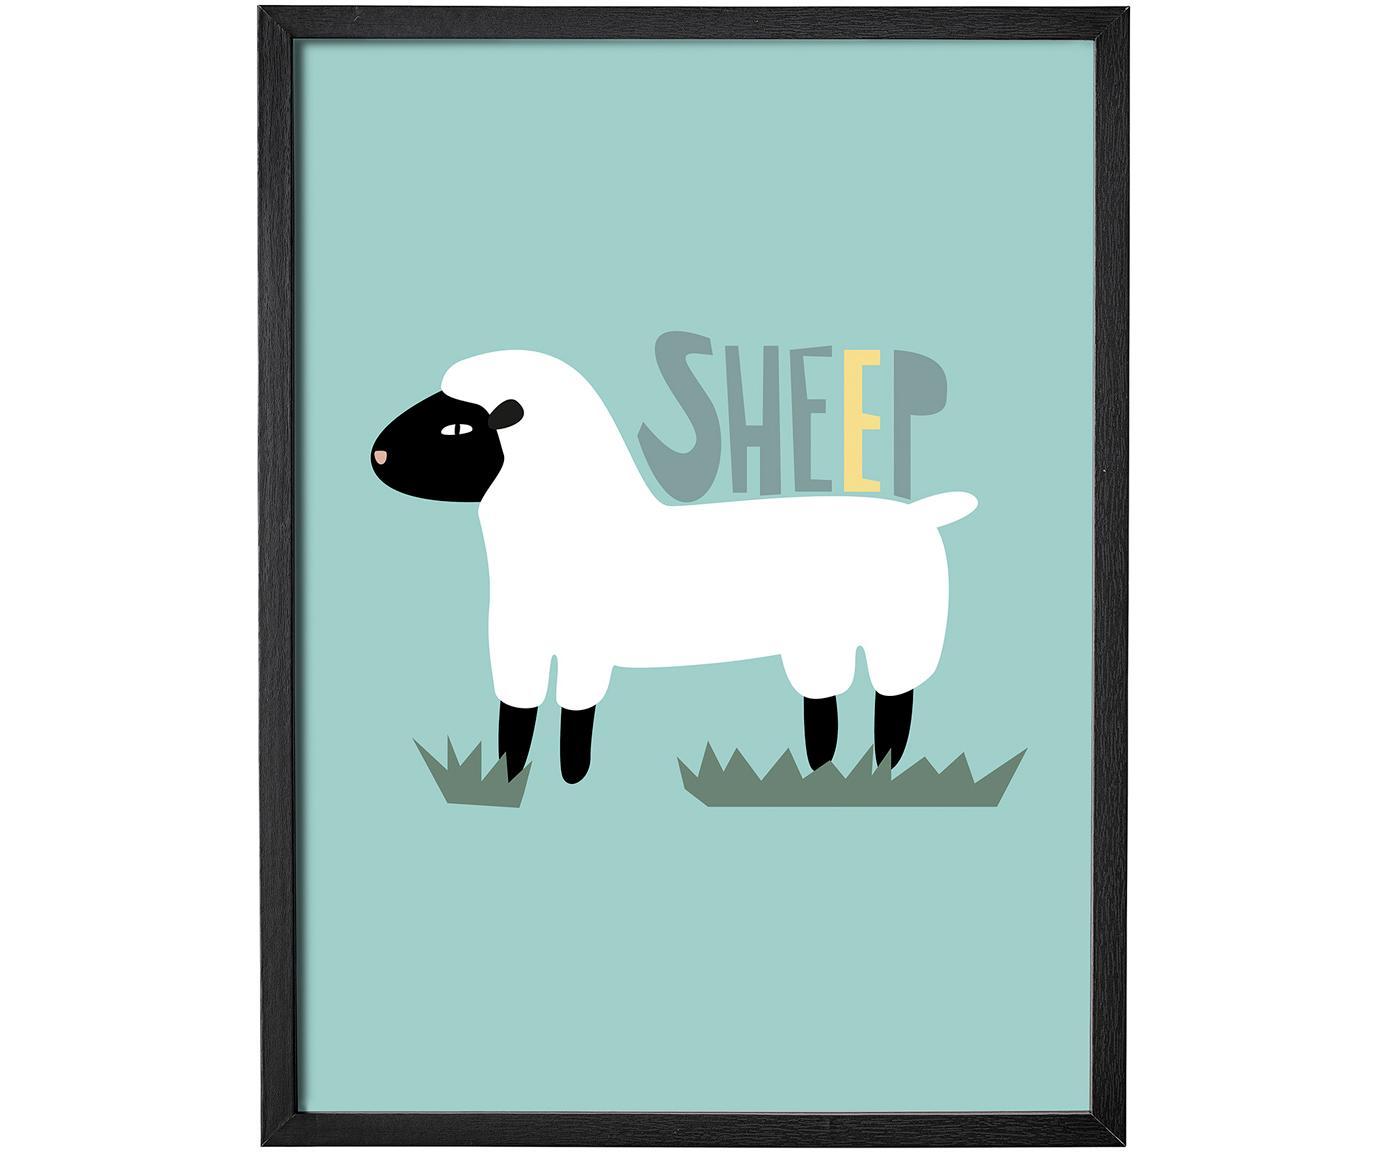 Gerahmtes Bild Sheep, Bild: Papier, Rahmen: Mitteldichte Holzfaserpla, Grün, 35 x 45 cm